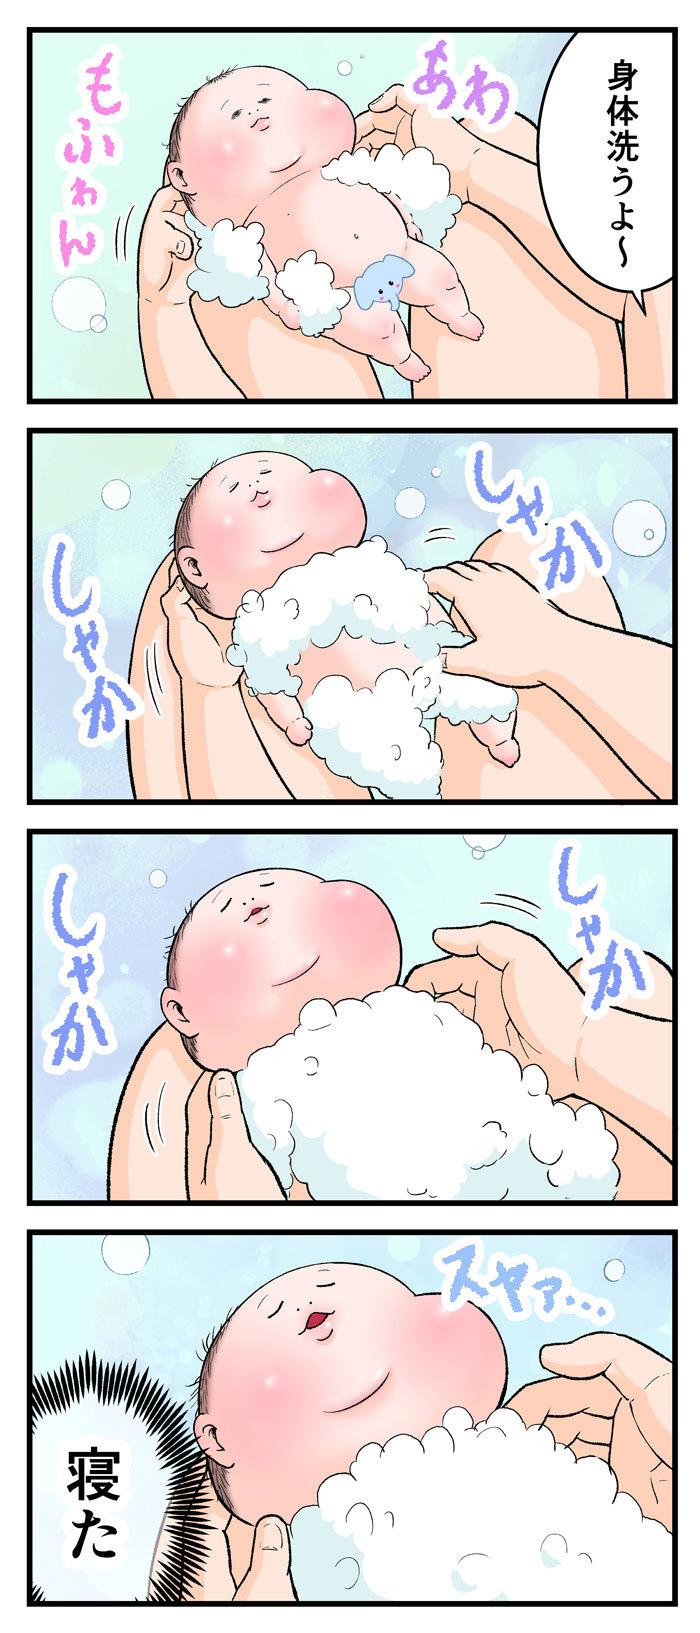 お風呂でスヤァ~…からの~?ラストは衝撃的な寝姿に(笑)の画像5